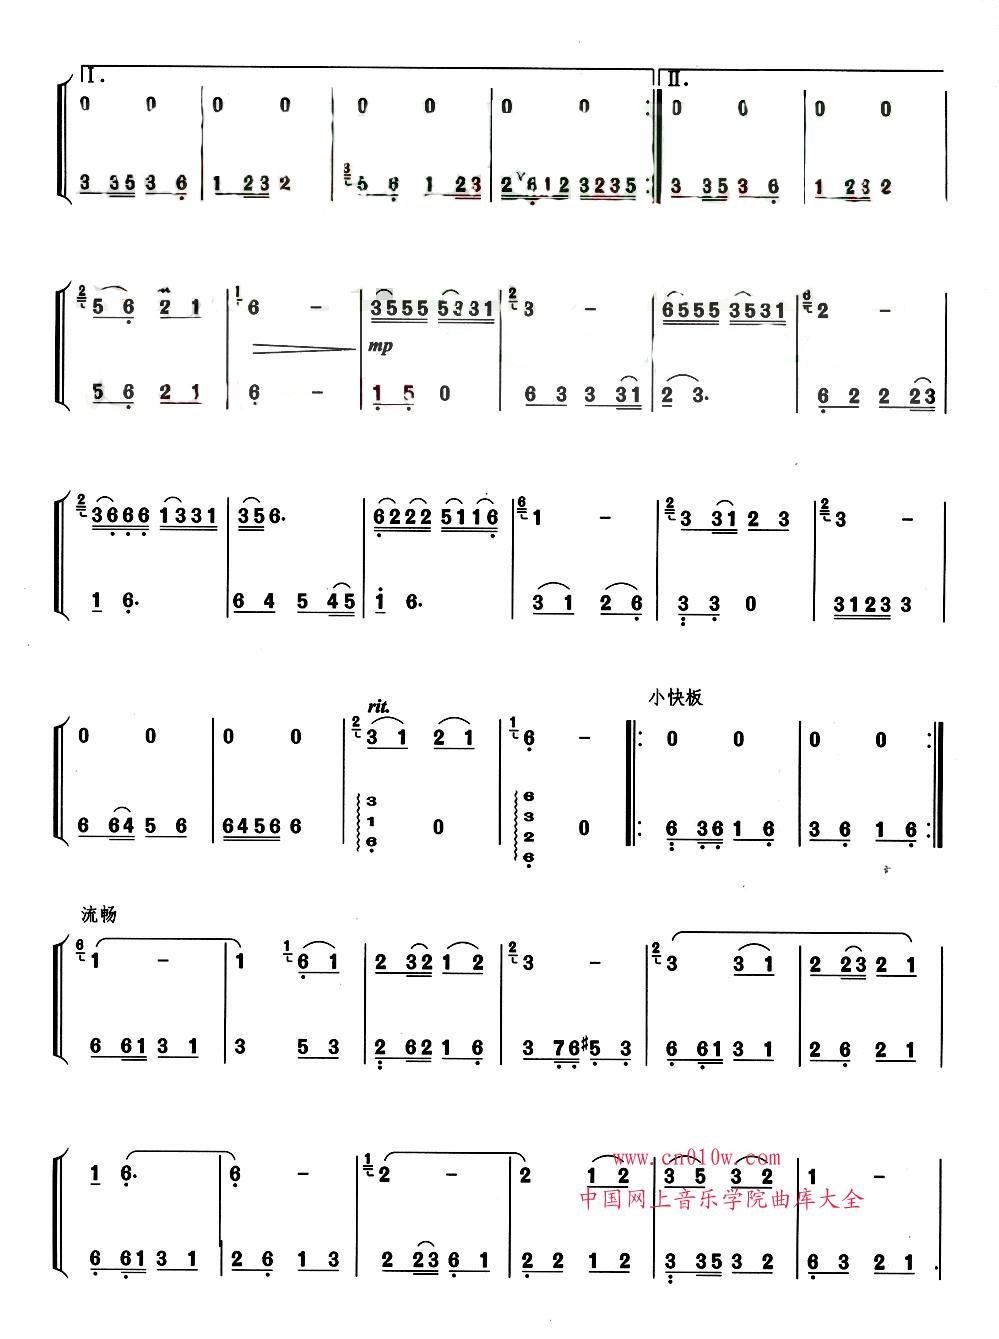 伴奏音乐 曲谱下载 >> 葫芦丝曲谱 竹楼夜歌一  2010-8-19 13:29:55